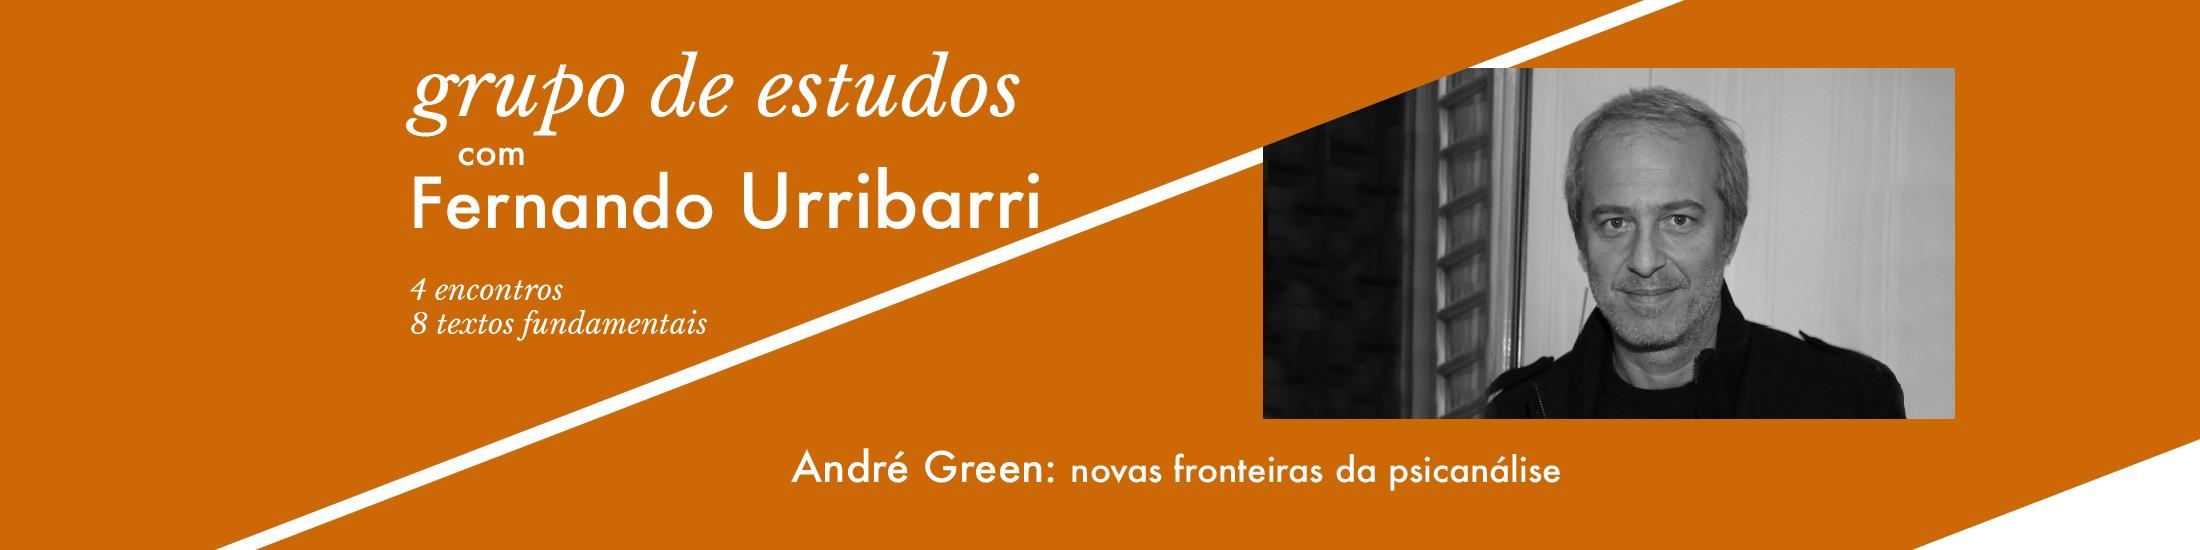 Grupo de Estudos com Fernando Urribarri em 2021